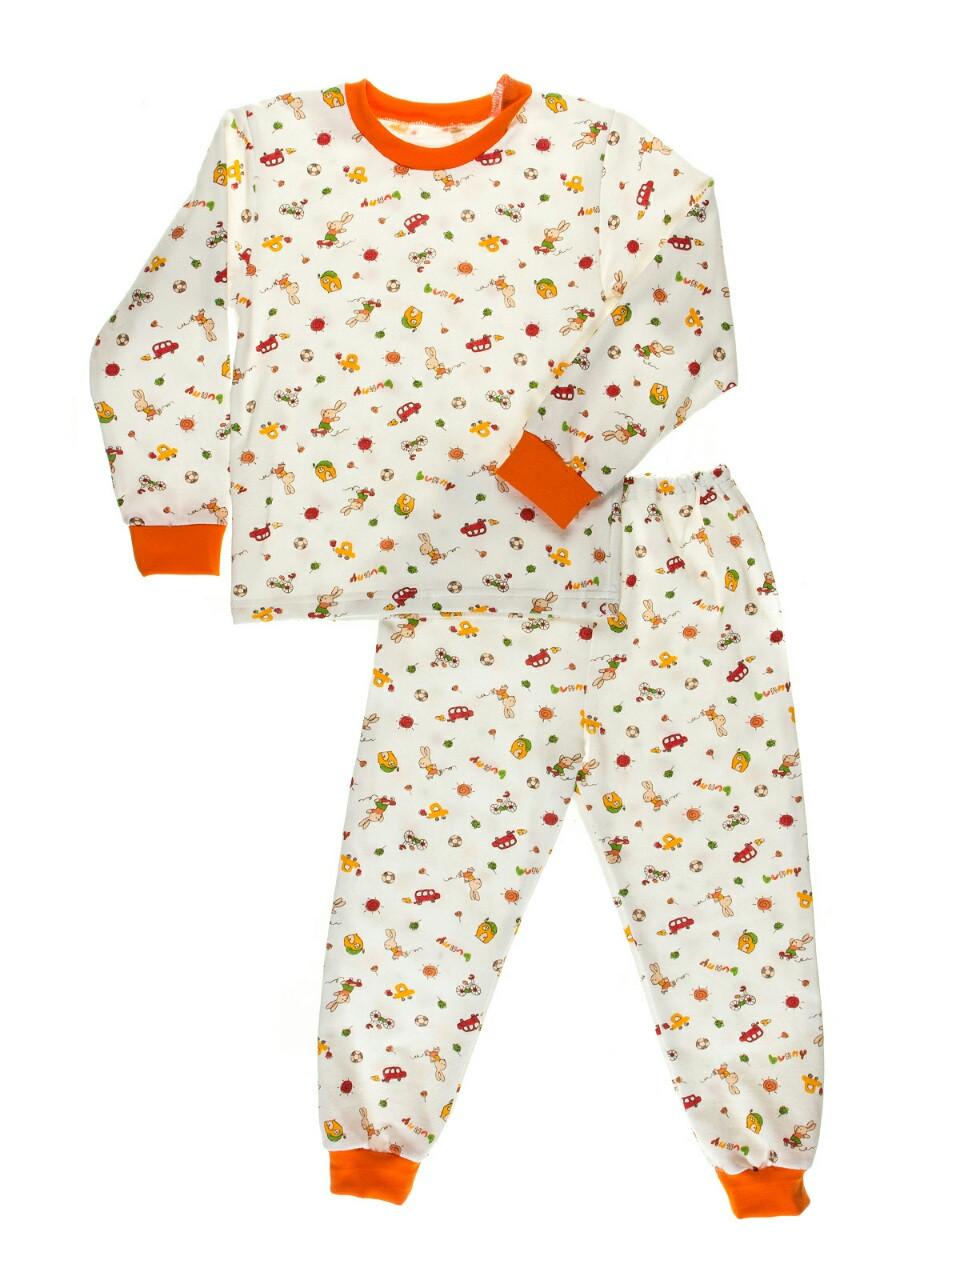 """Пижама детская, теплая с начесом, белый фон - ООО """"АМТ-ГРУП"""" - одежда для всех в Одессе"""